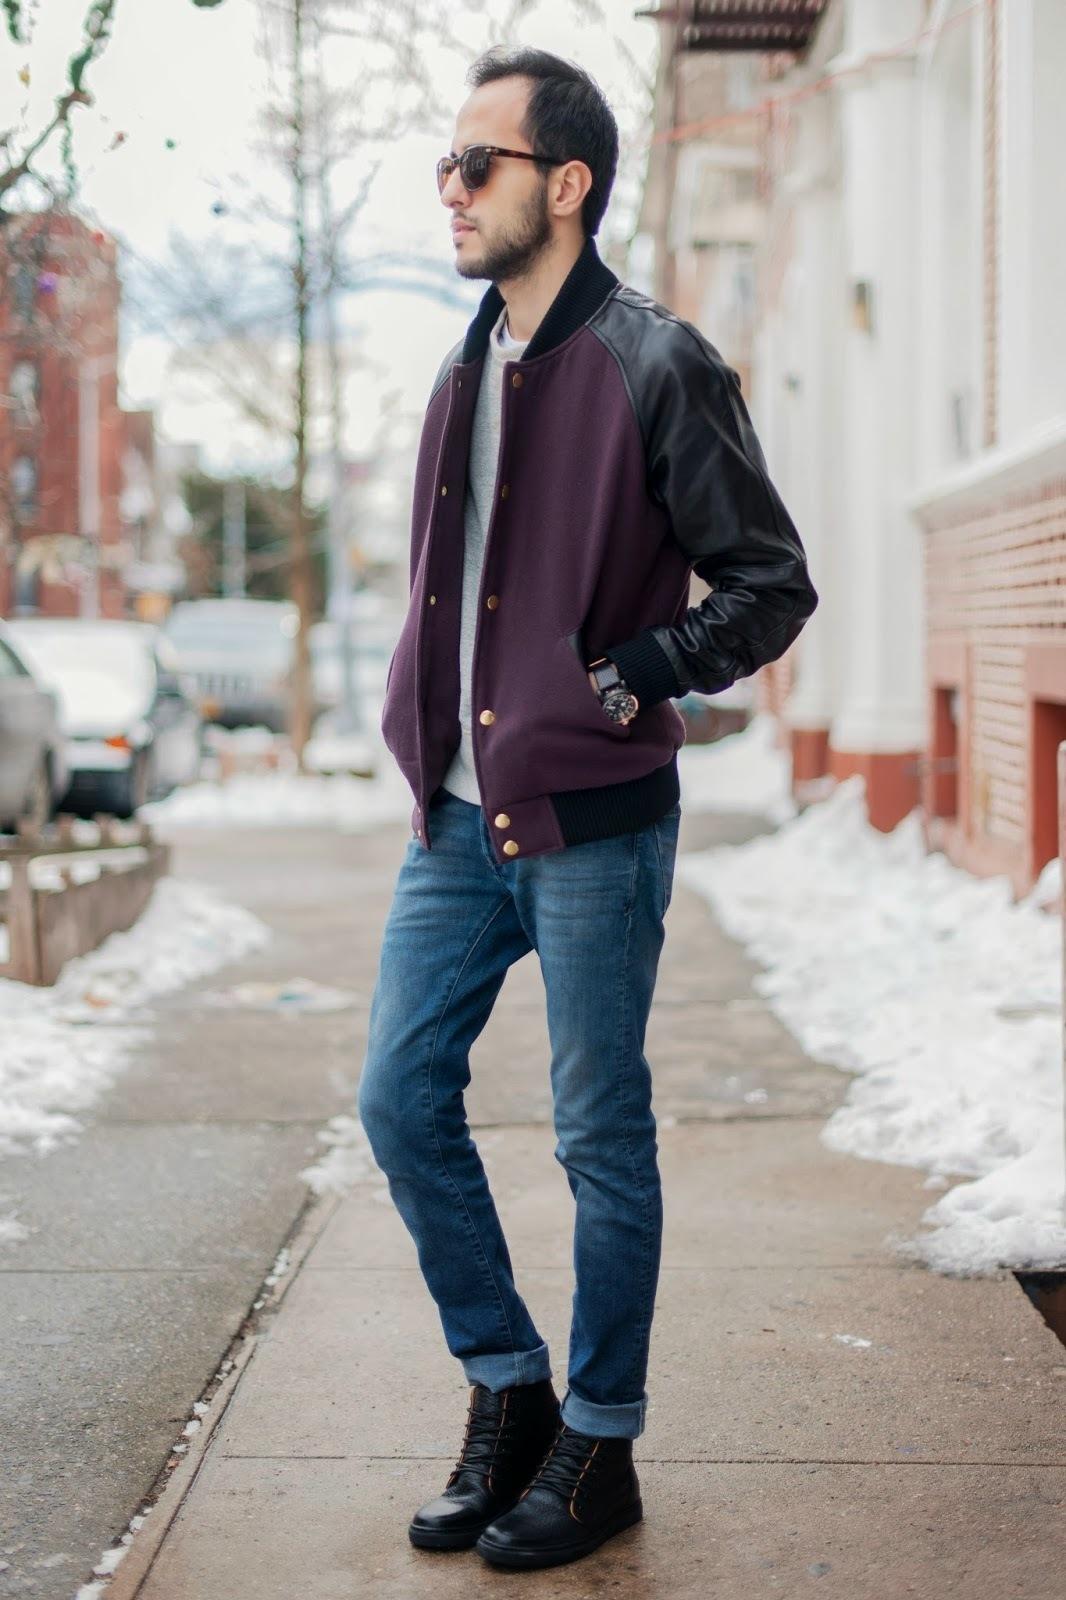 Cómo combinar una chaqueta varsity morado con unas botas negras (1 ...